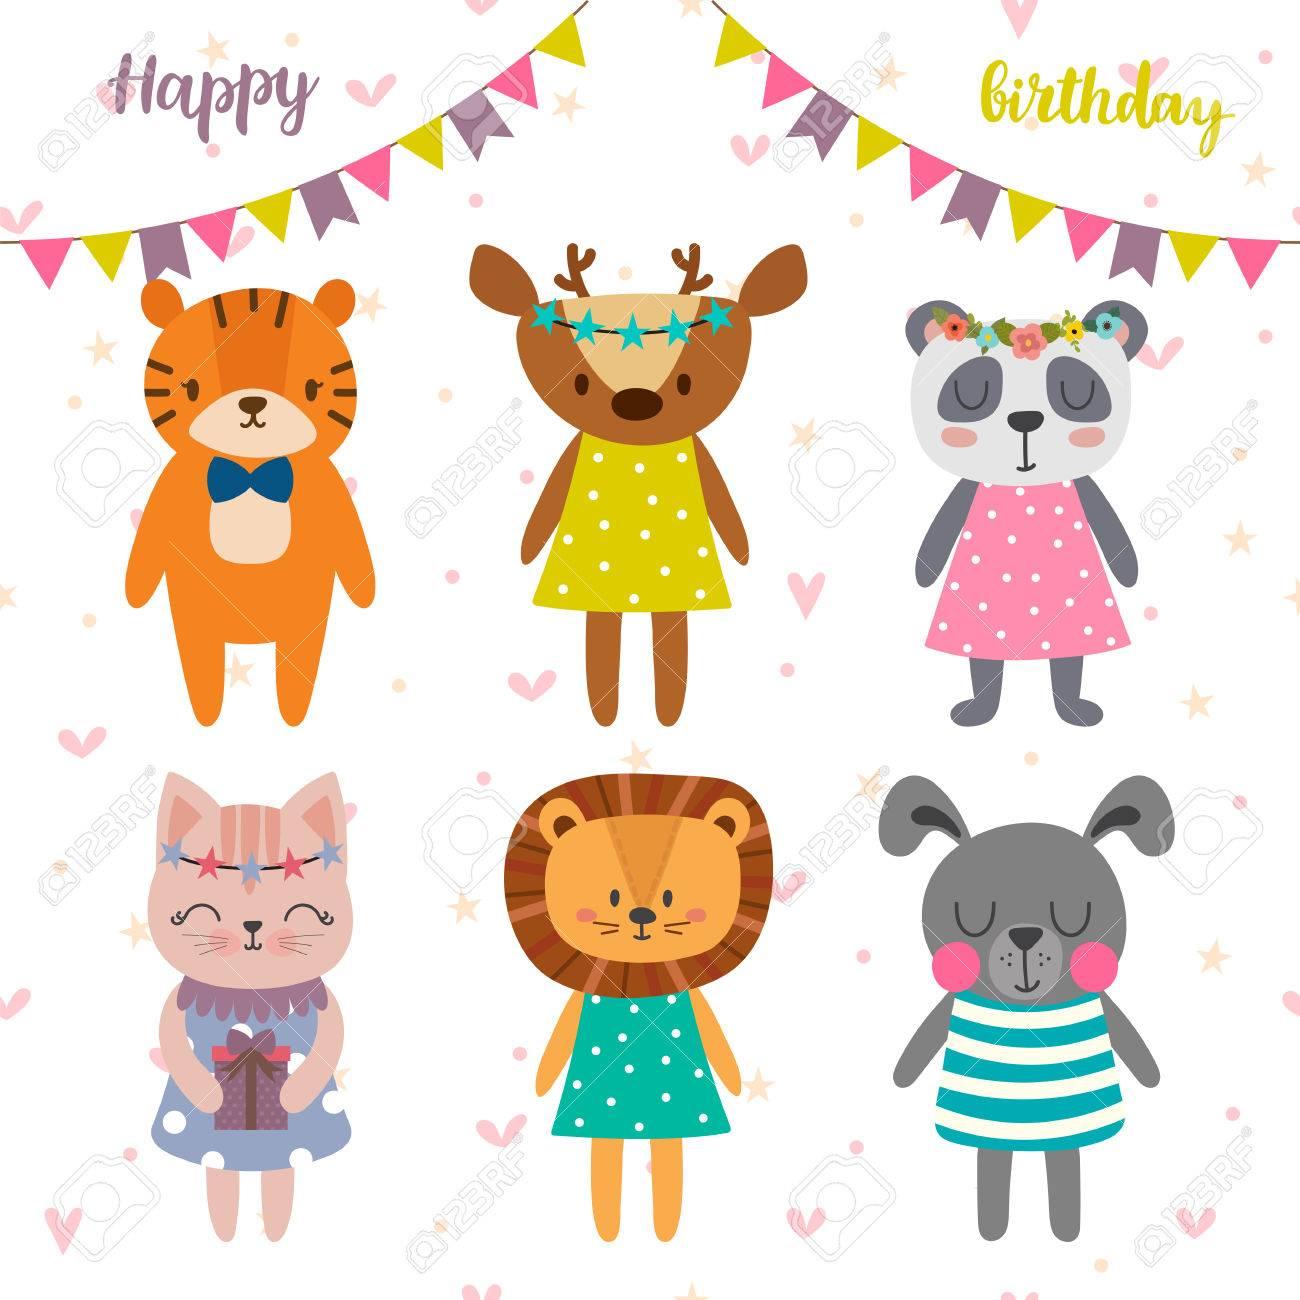 Alles Gute Zum Geburtstag Design Mit Niedlichen Cartoon Tiere